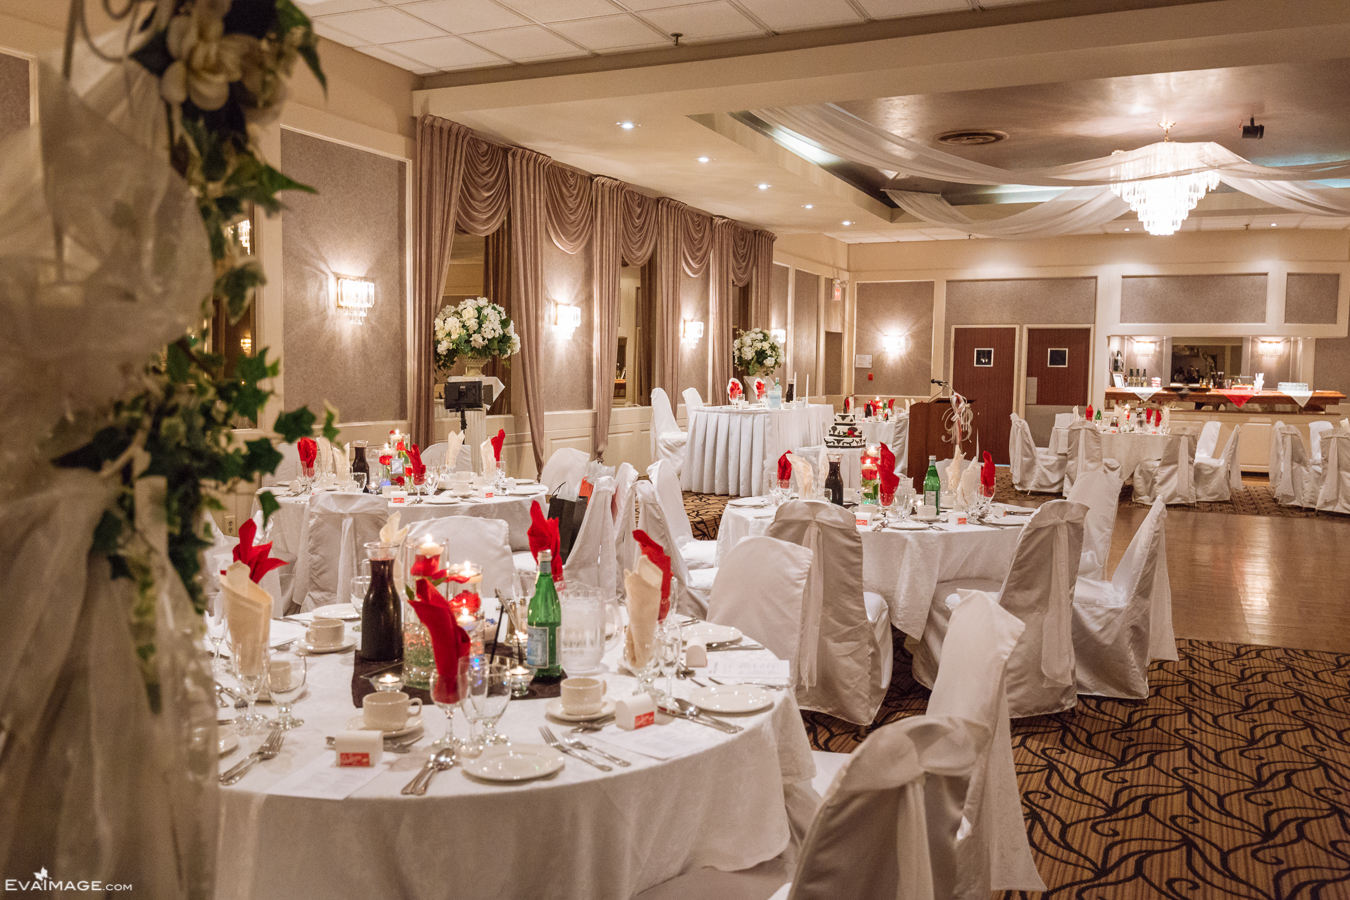 Boaden Banquet & Residence Inn Marriot Mississauga Wedding: Hazel + Jeffery, November 6, 2015